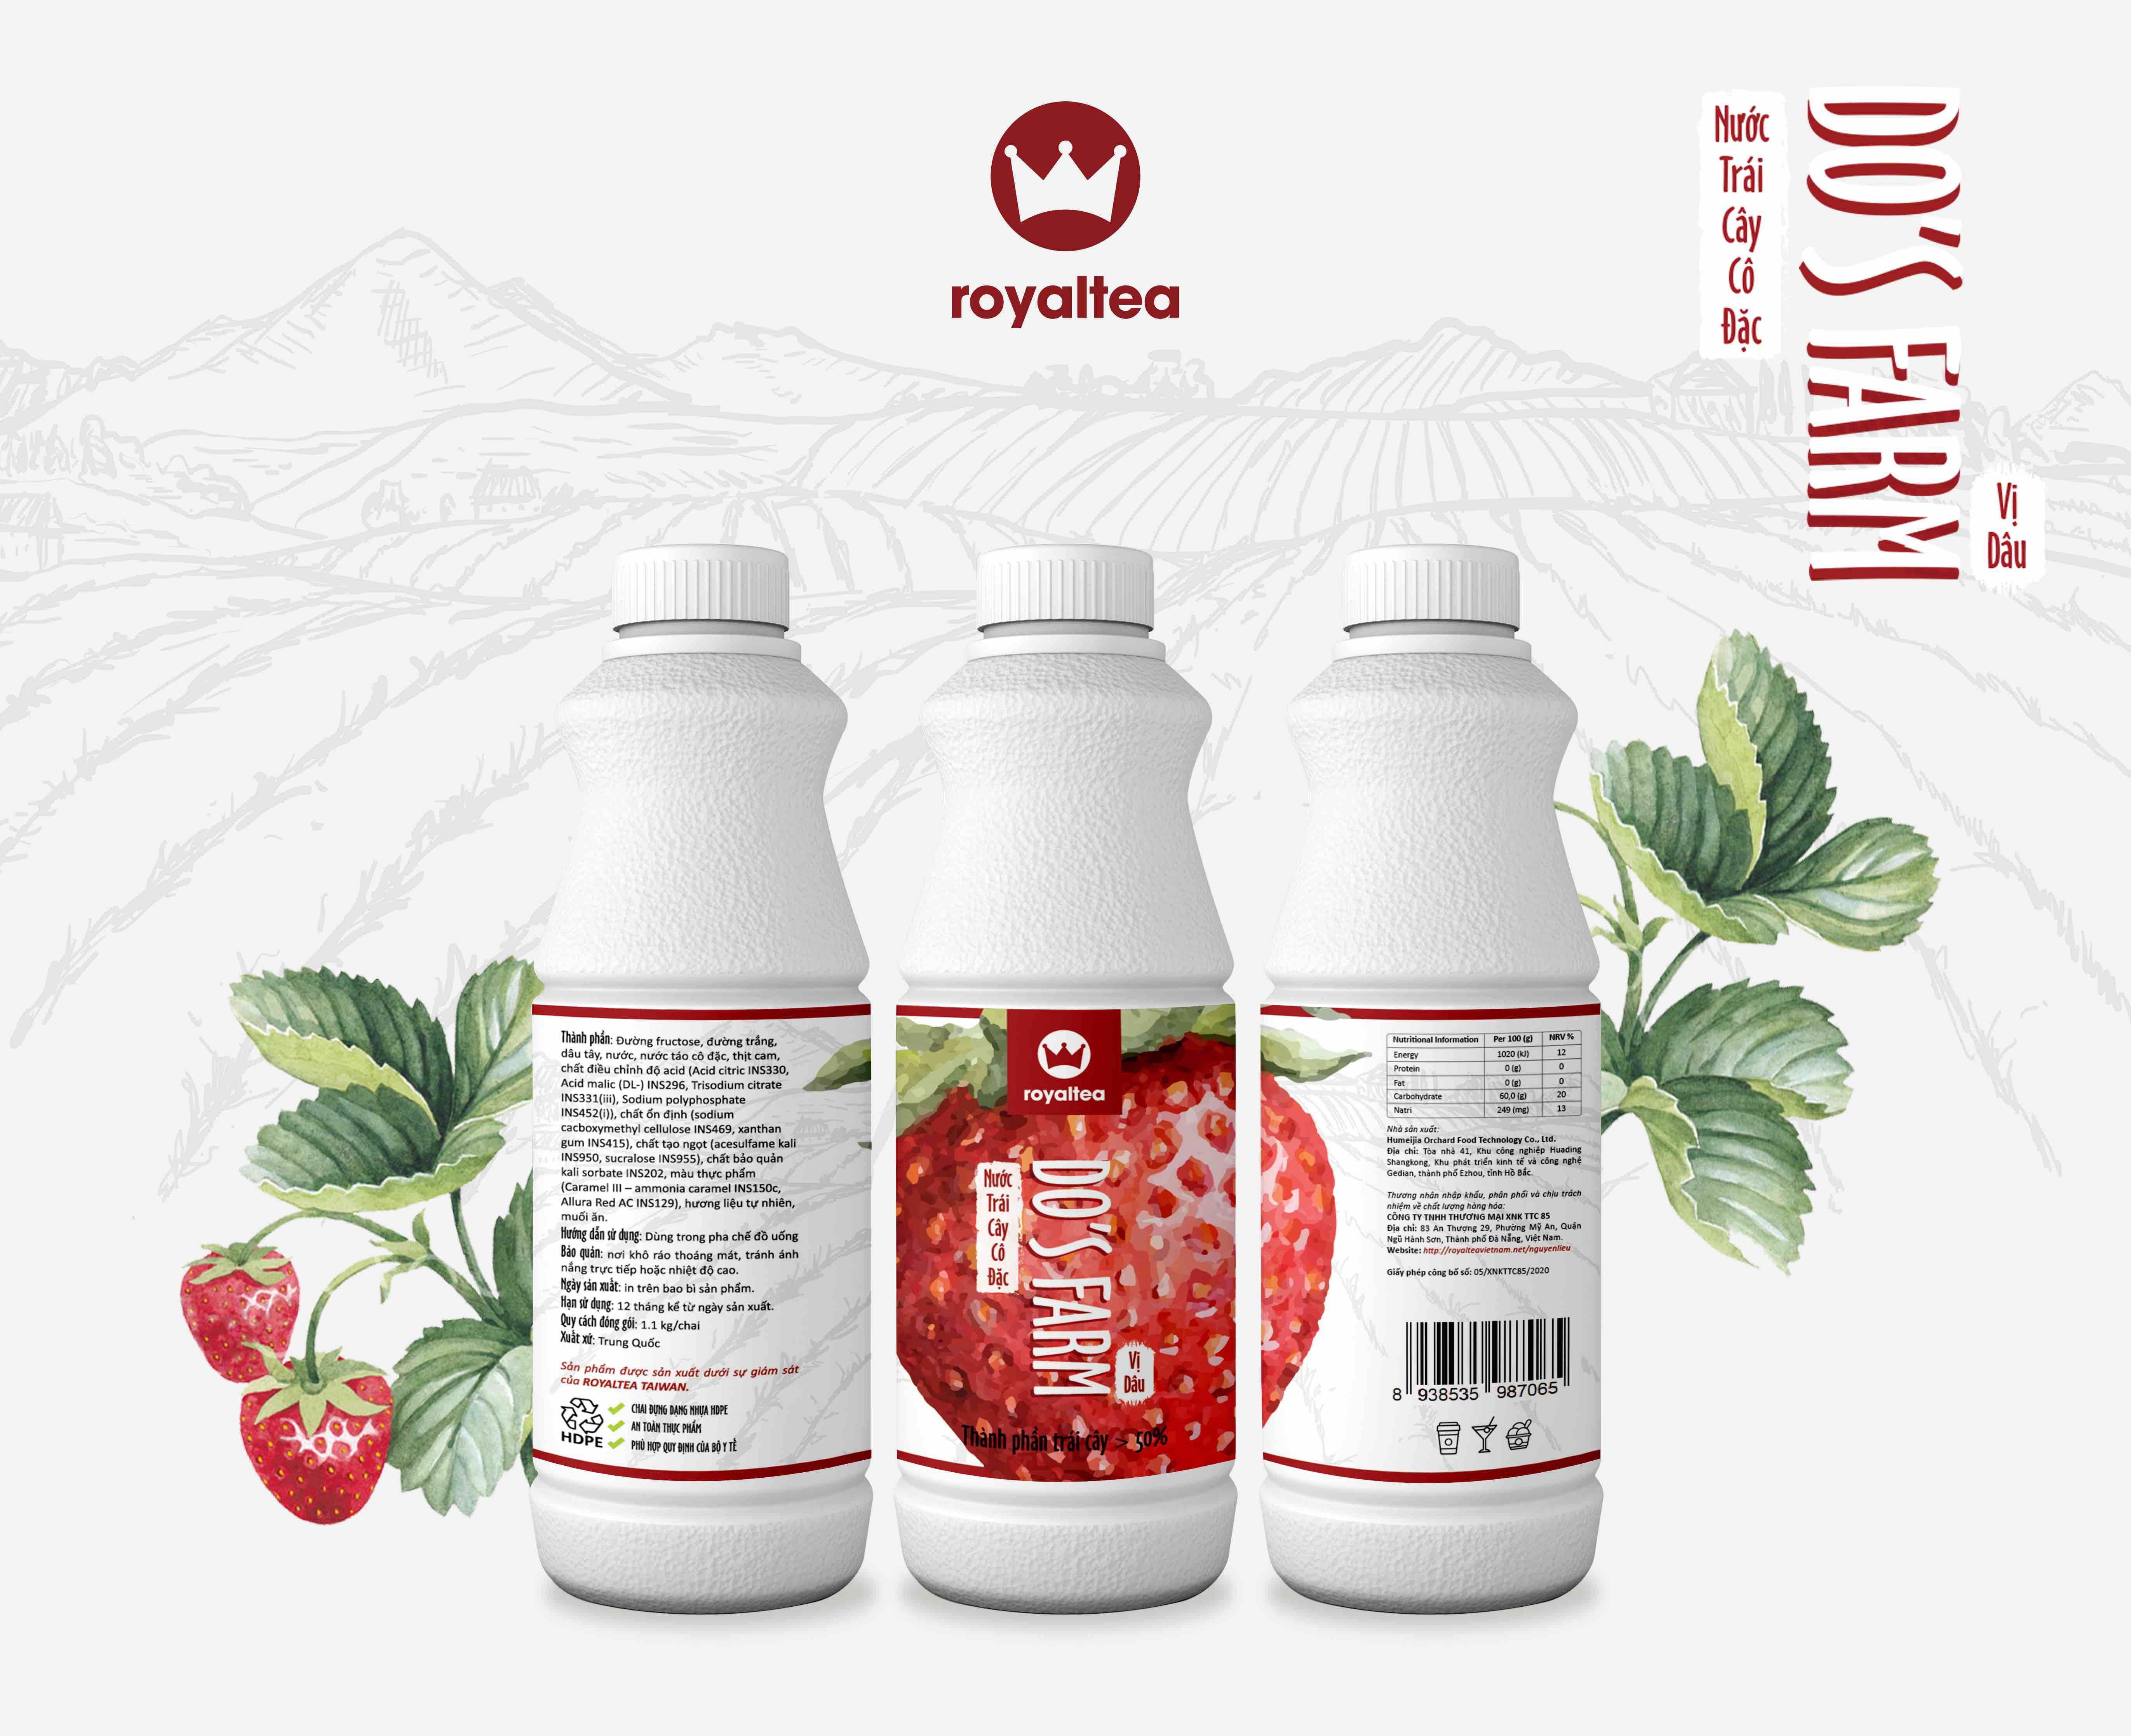 Nước trái cây cô đặc – vị dâu – 190.000 VNĐ